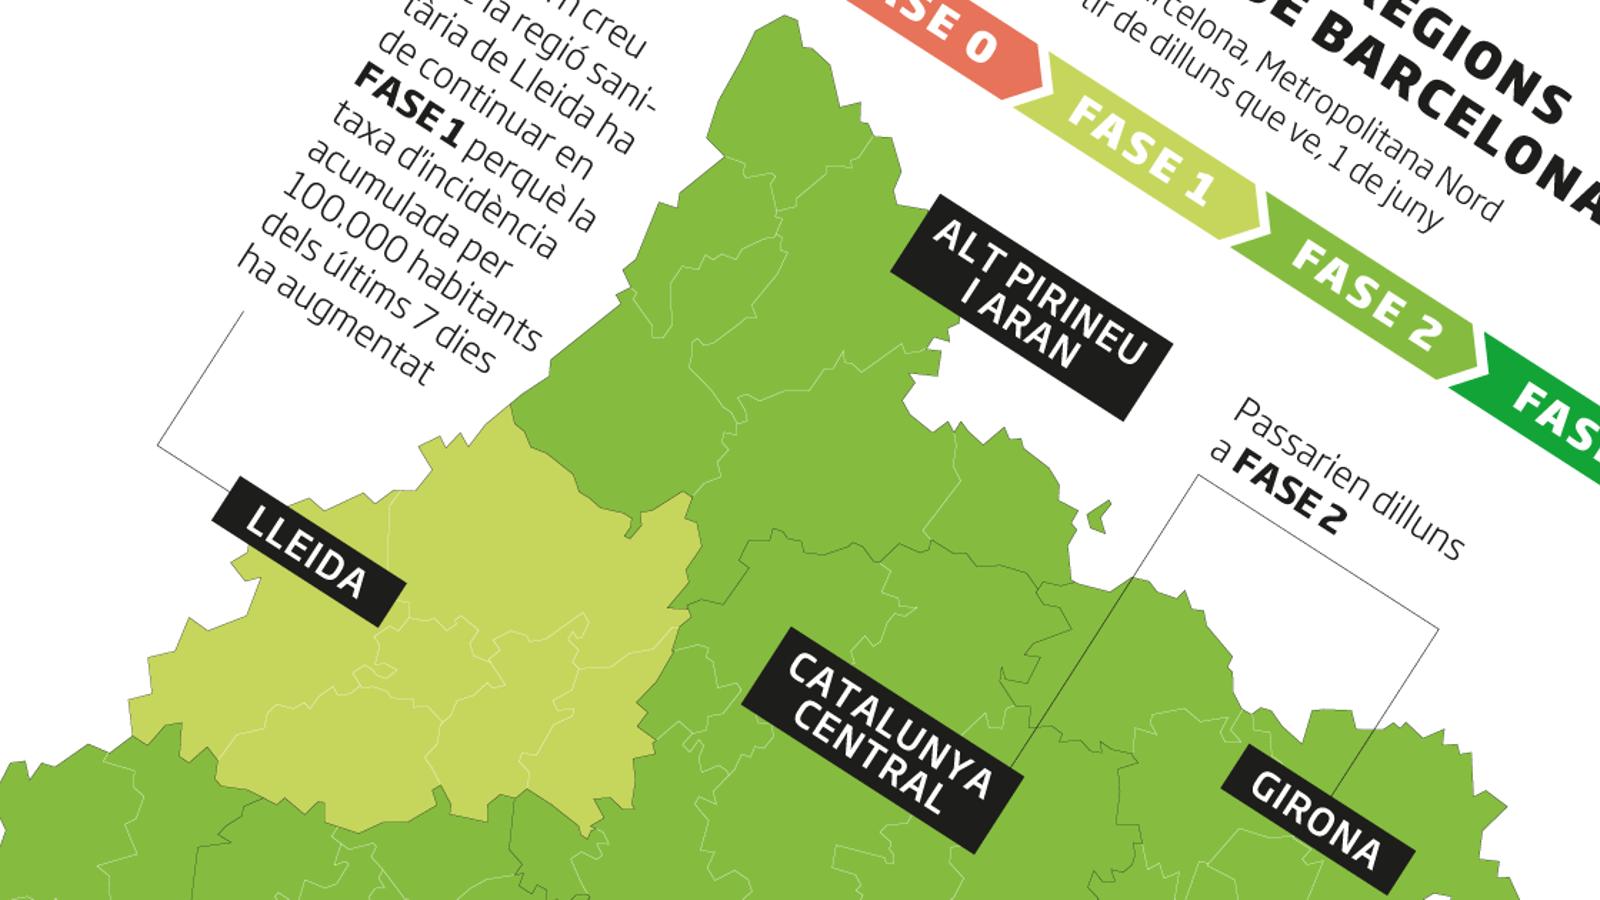 Catalunya proposa reunificar Barcelona i l'àrea metropolitana a partir de l'1 de juny